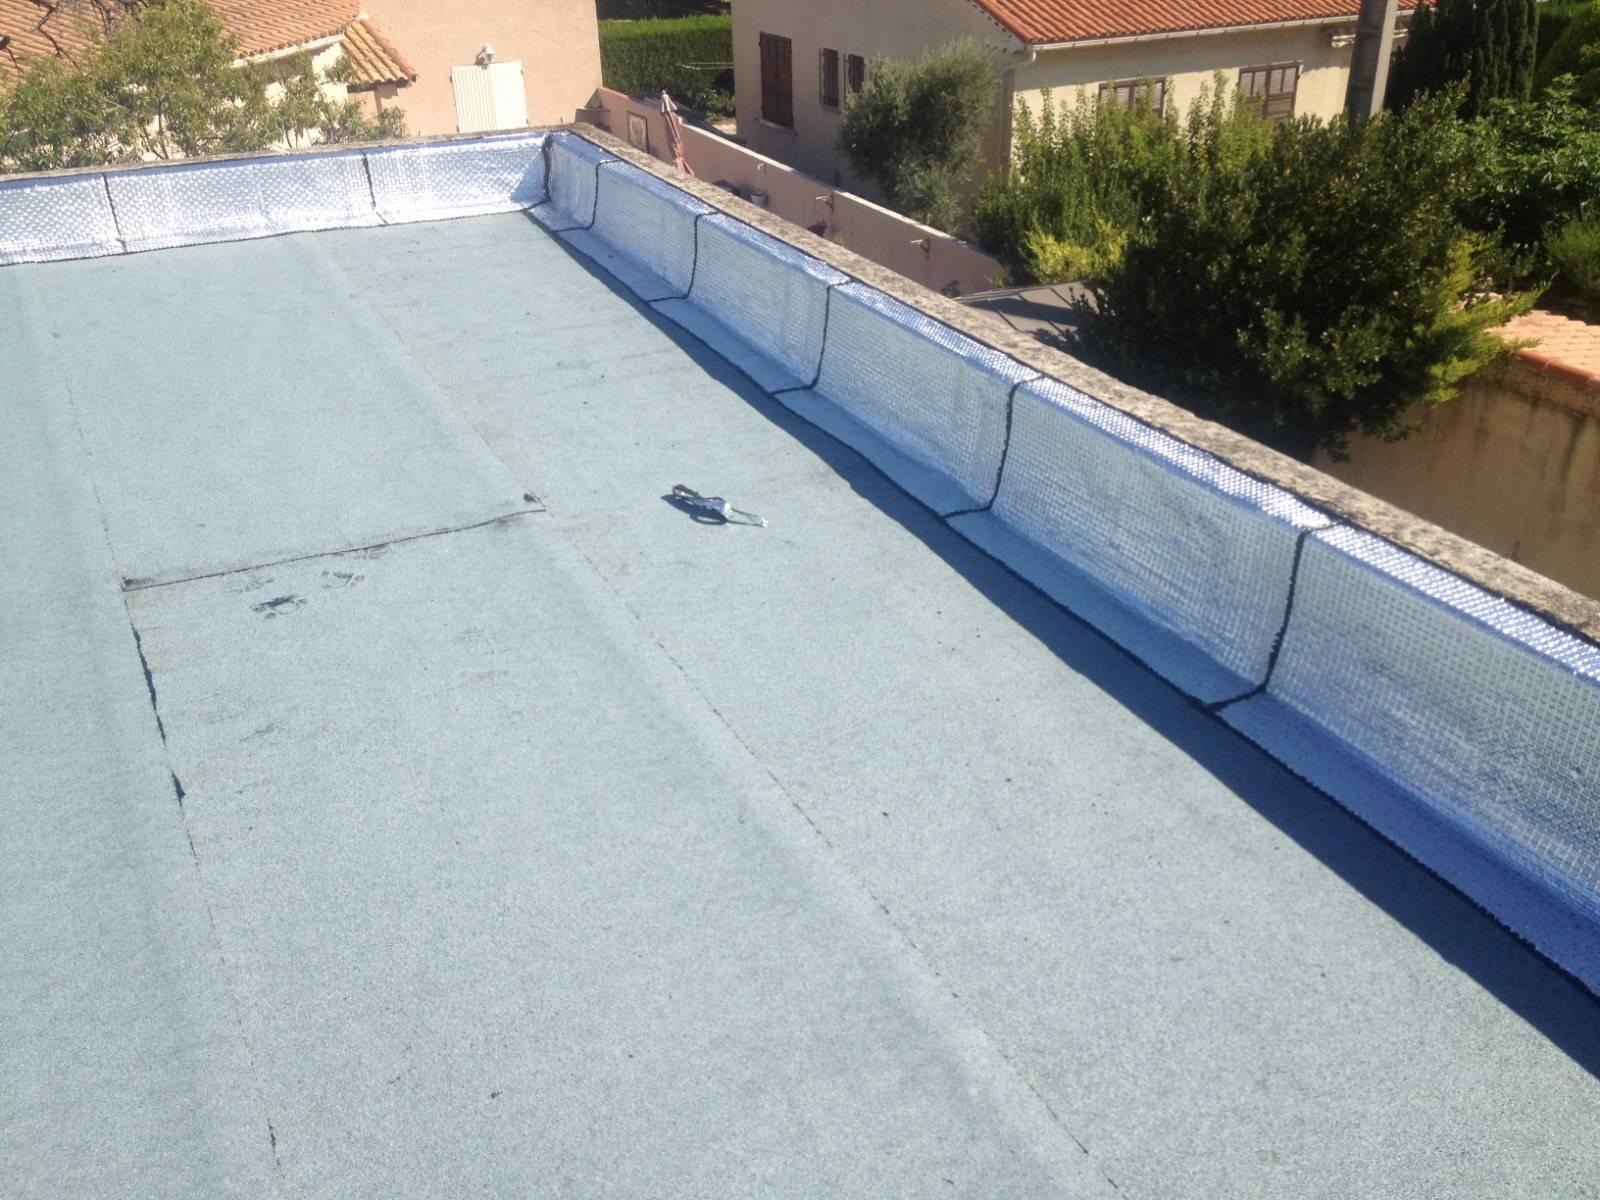 Choisir la bonne étanchéité de ma toiture terrasse toit